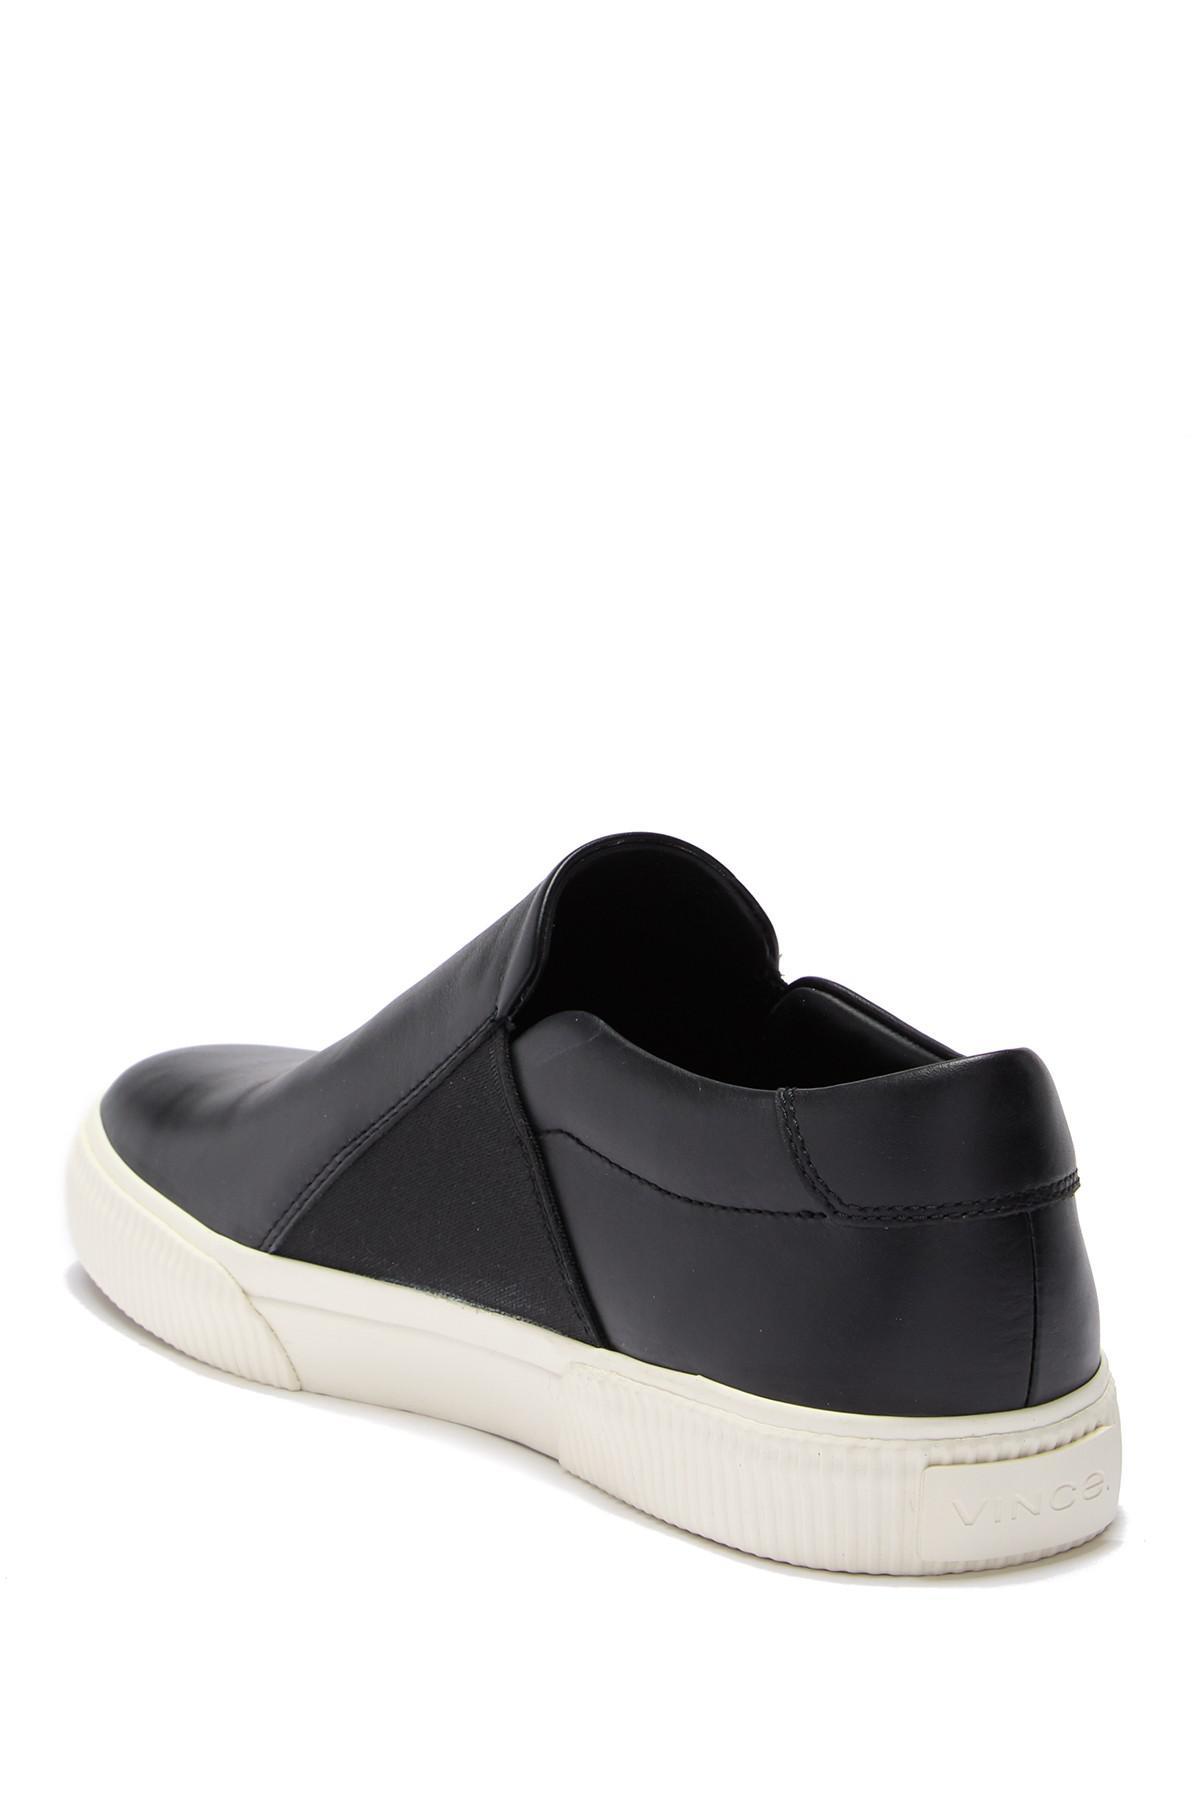 83c42e6fa831 Lyst - Vince Knox Sneaker (women) in Black